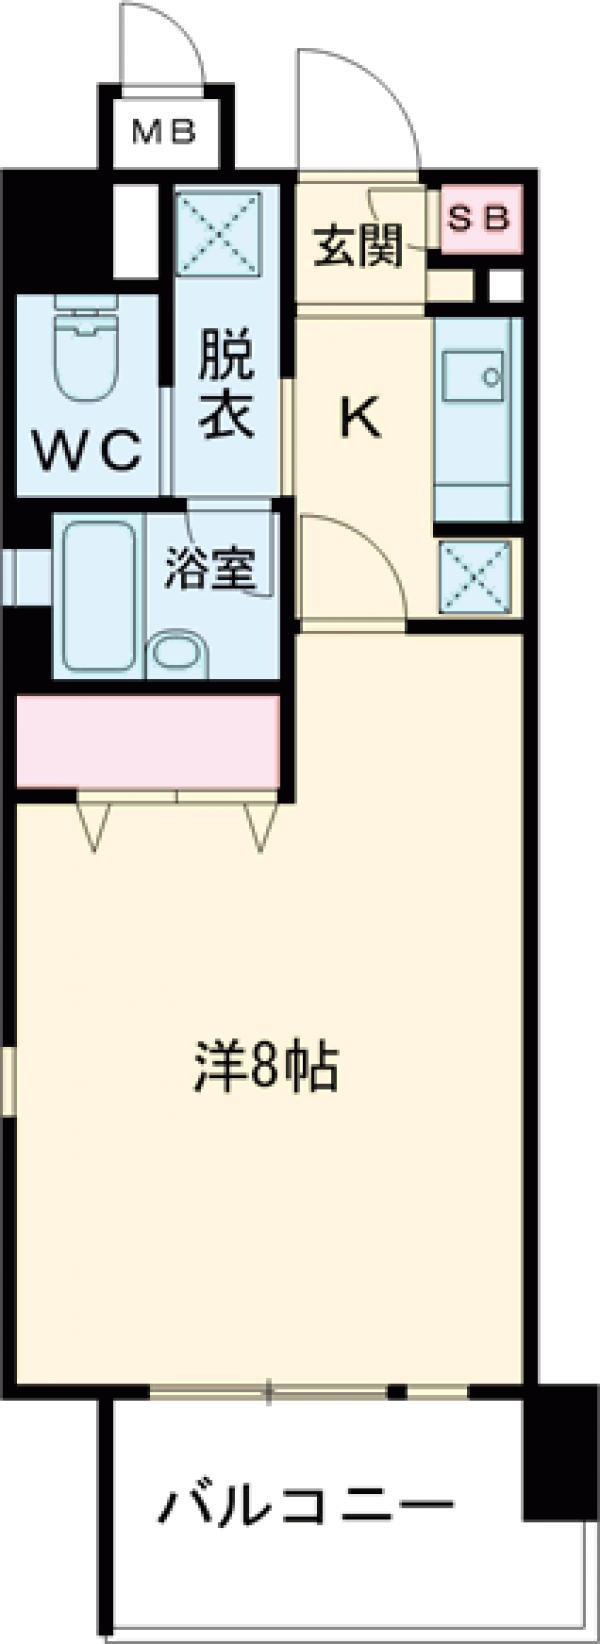 アボリアスコート笹塚イースト・316号室の間取り